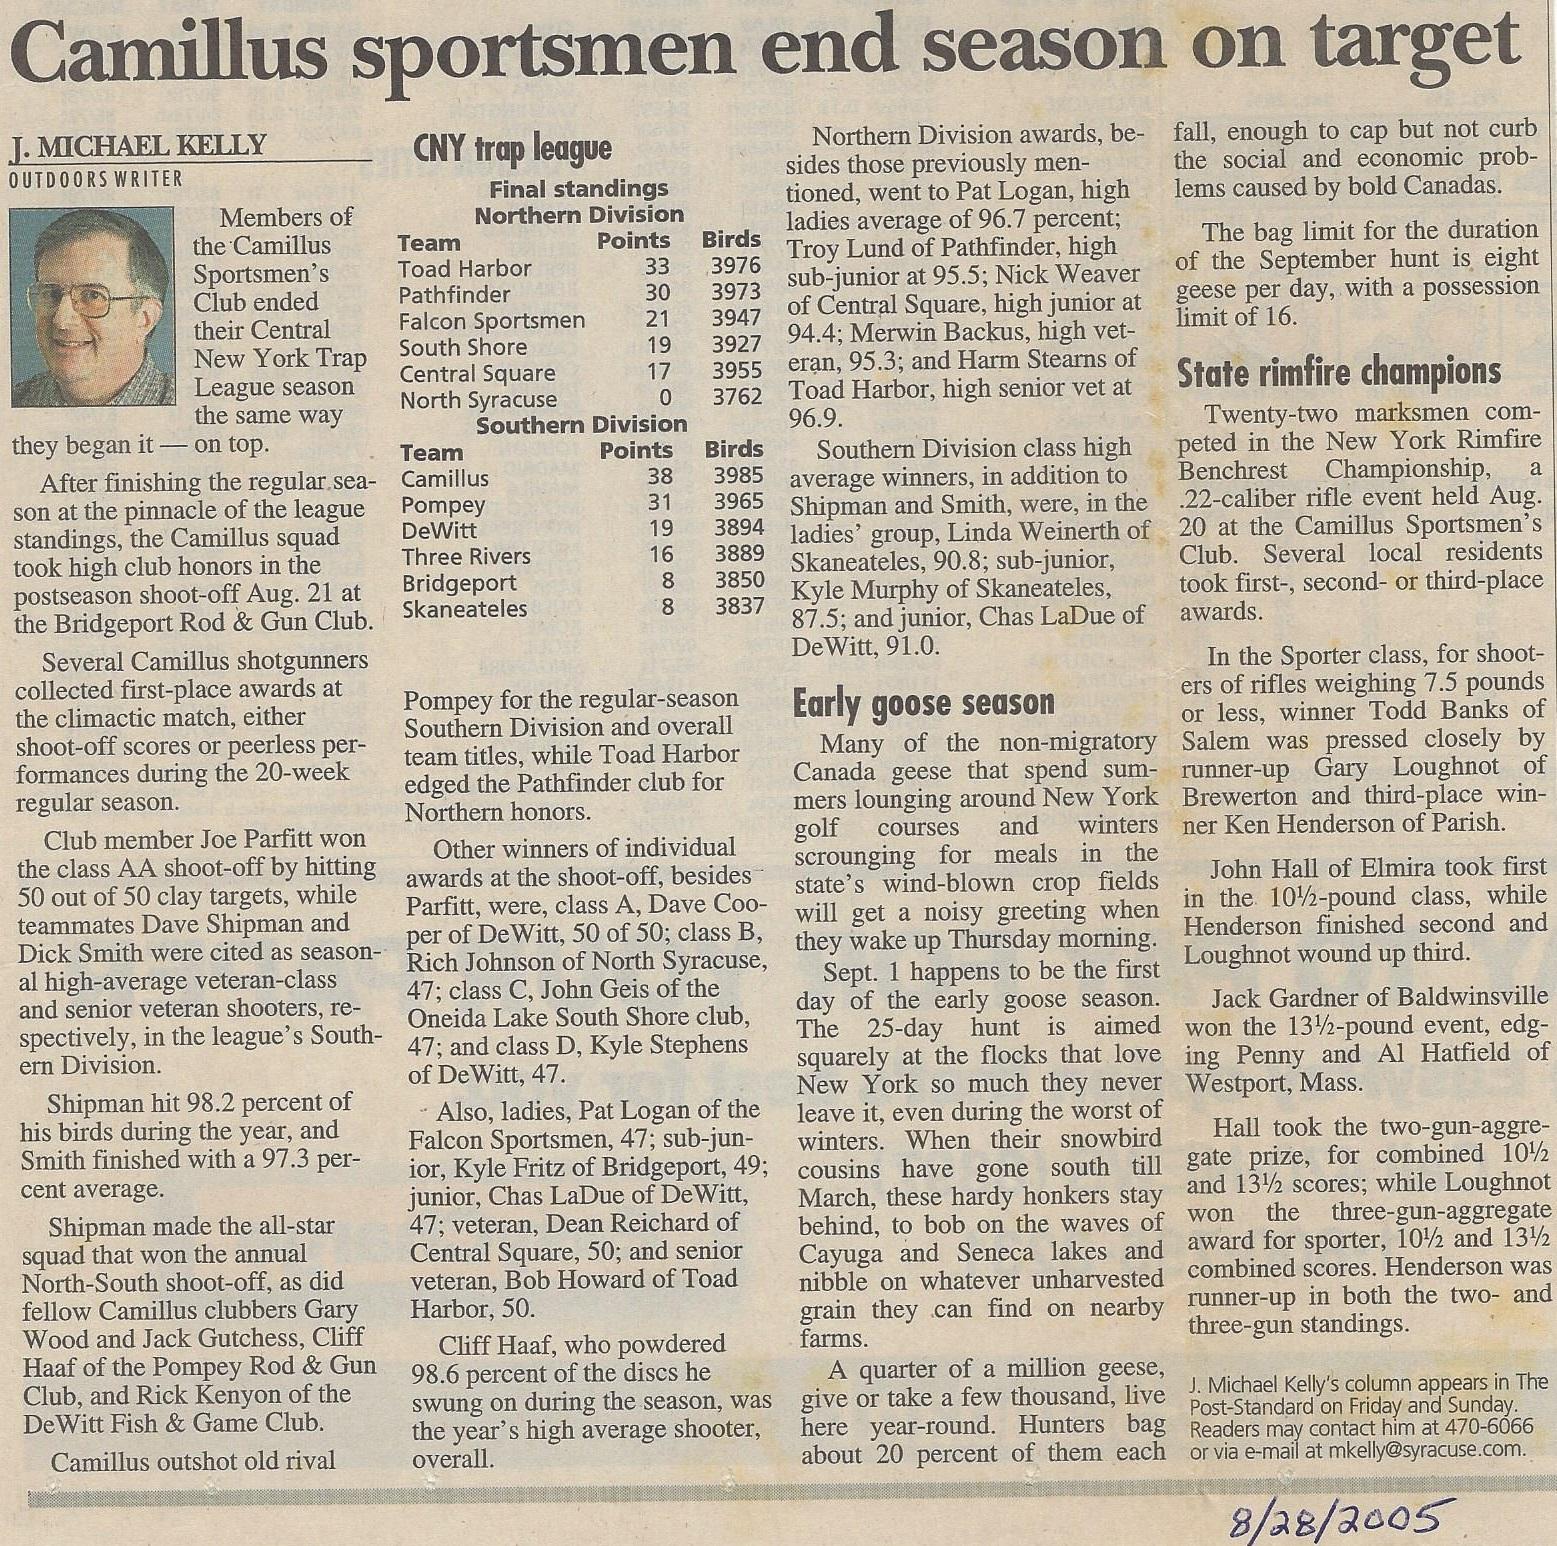 1985 camillus article